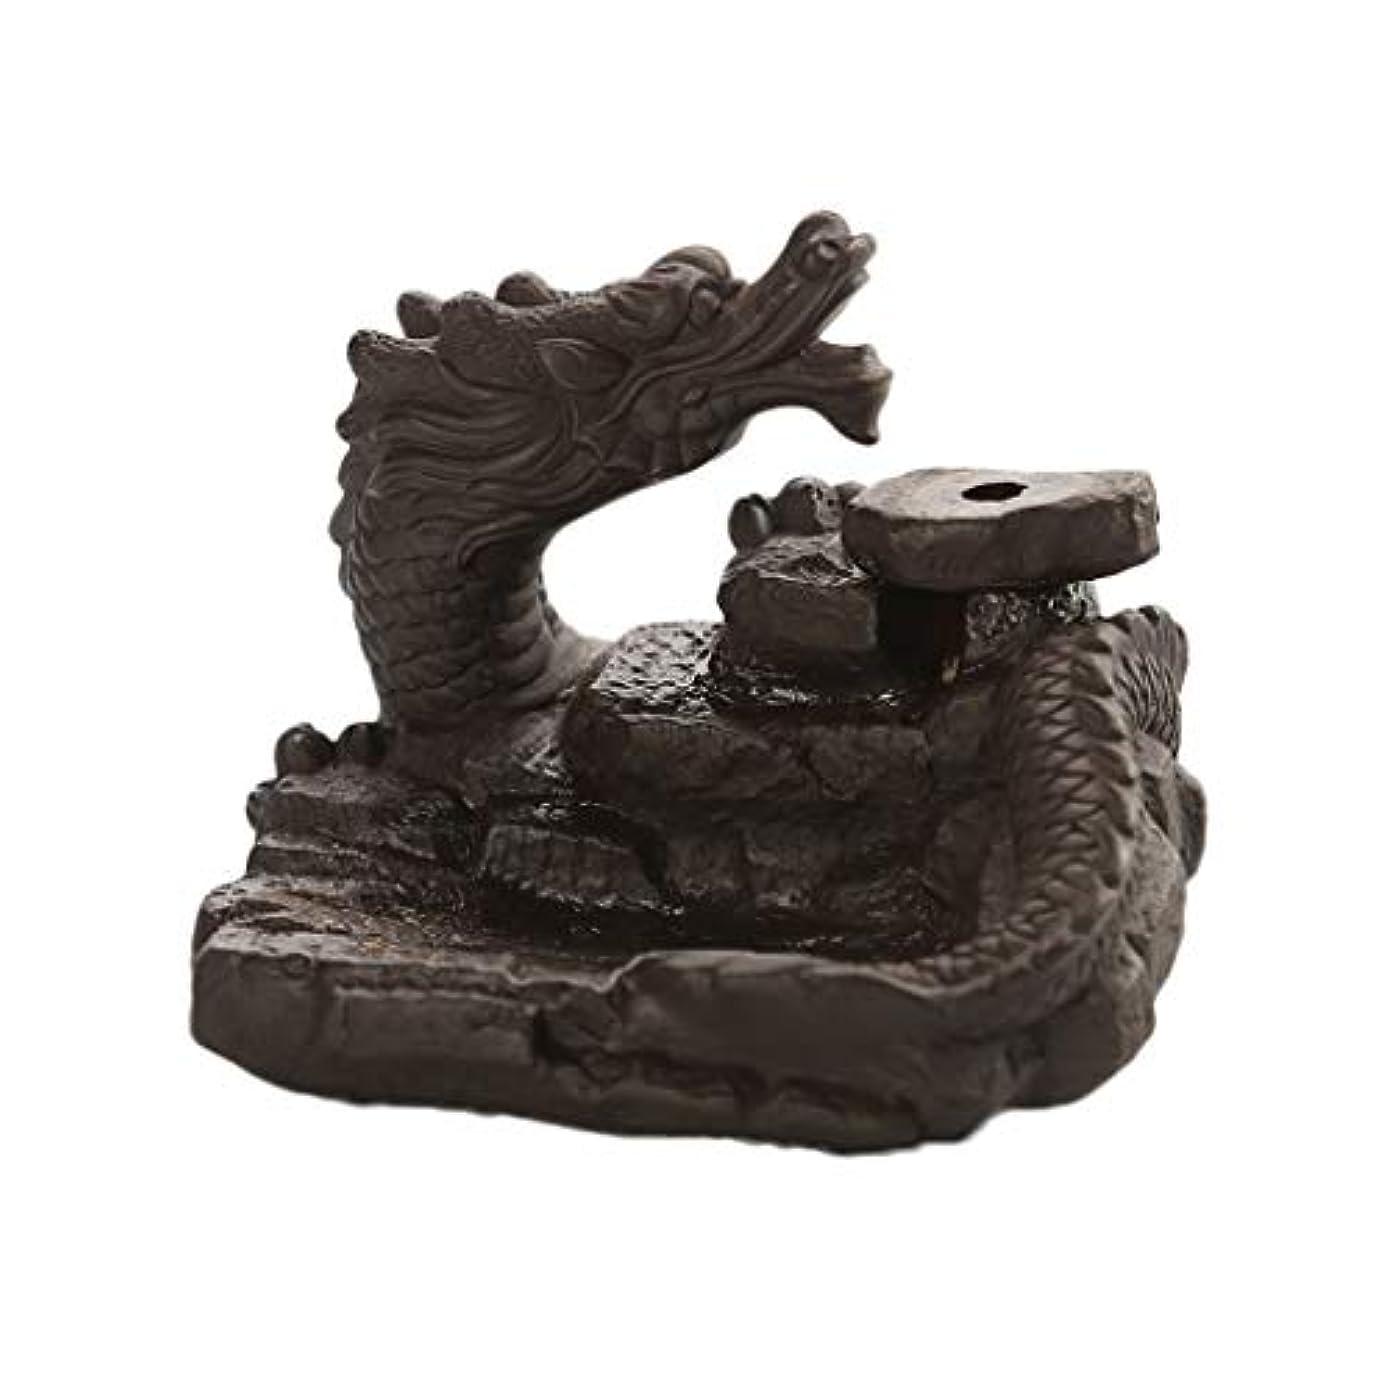 洗練された戦争郵便家の装飾ドラゴン逆流還流香バーナーセラミックスティックホルダーコーンセンサー茶室飾り香炉 (Color : Black, サイズ : 3.46*3.14*2.36 inches)